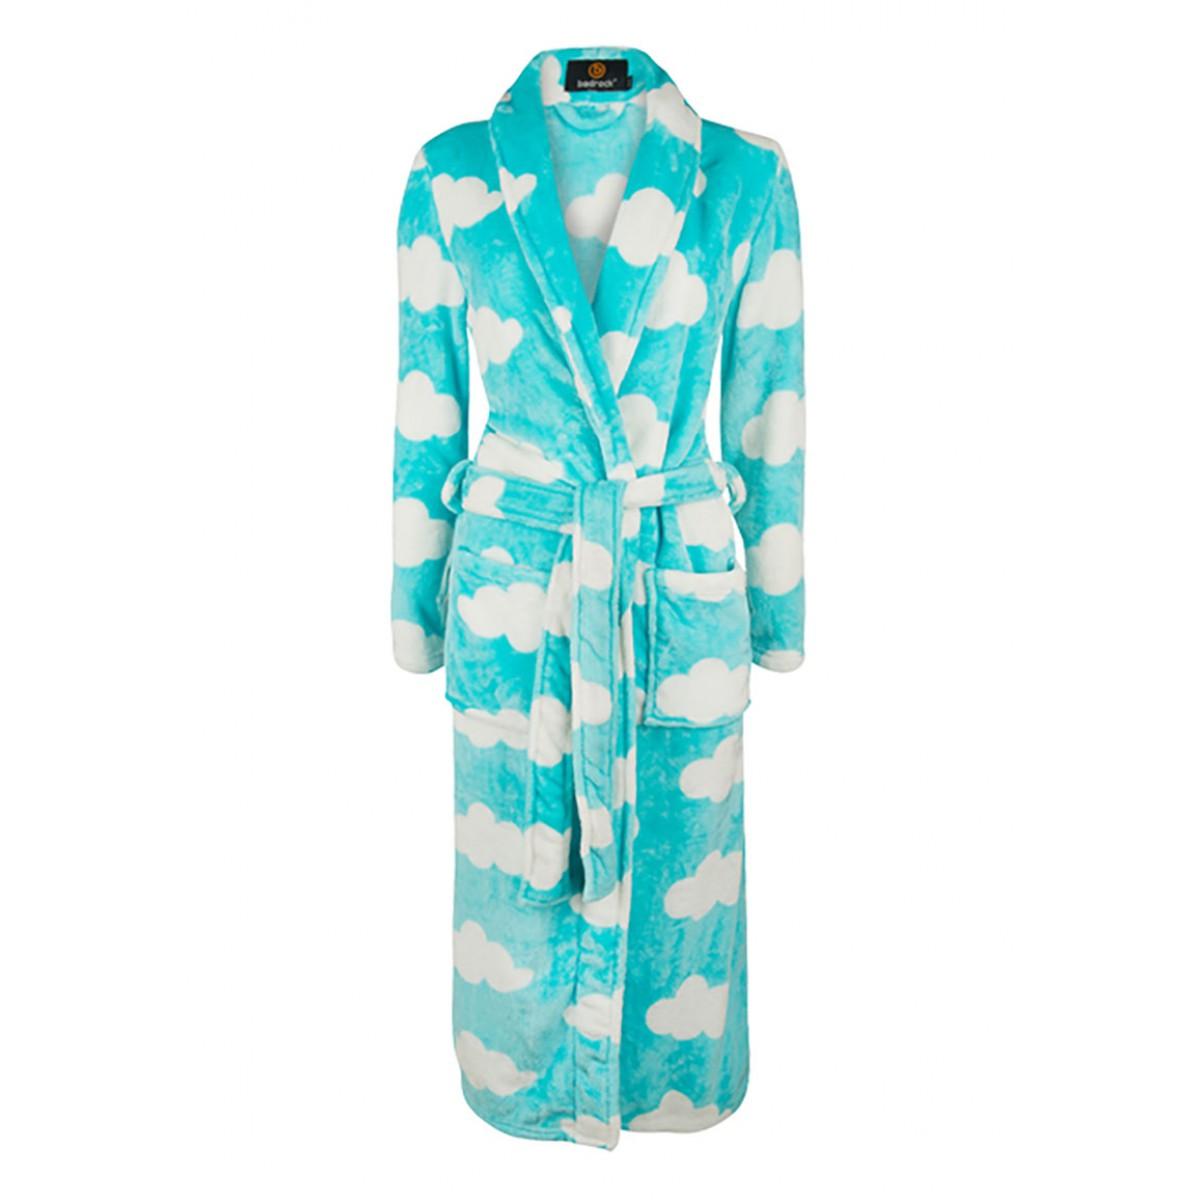 badjas met wolkenmotief